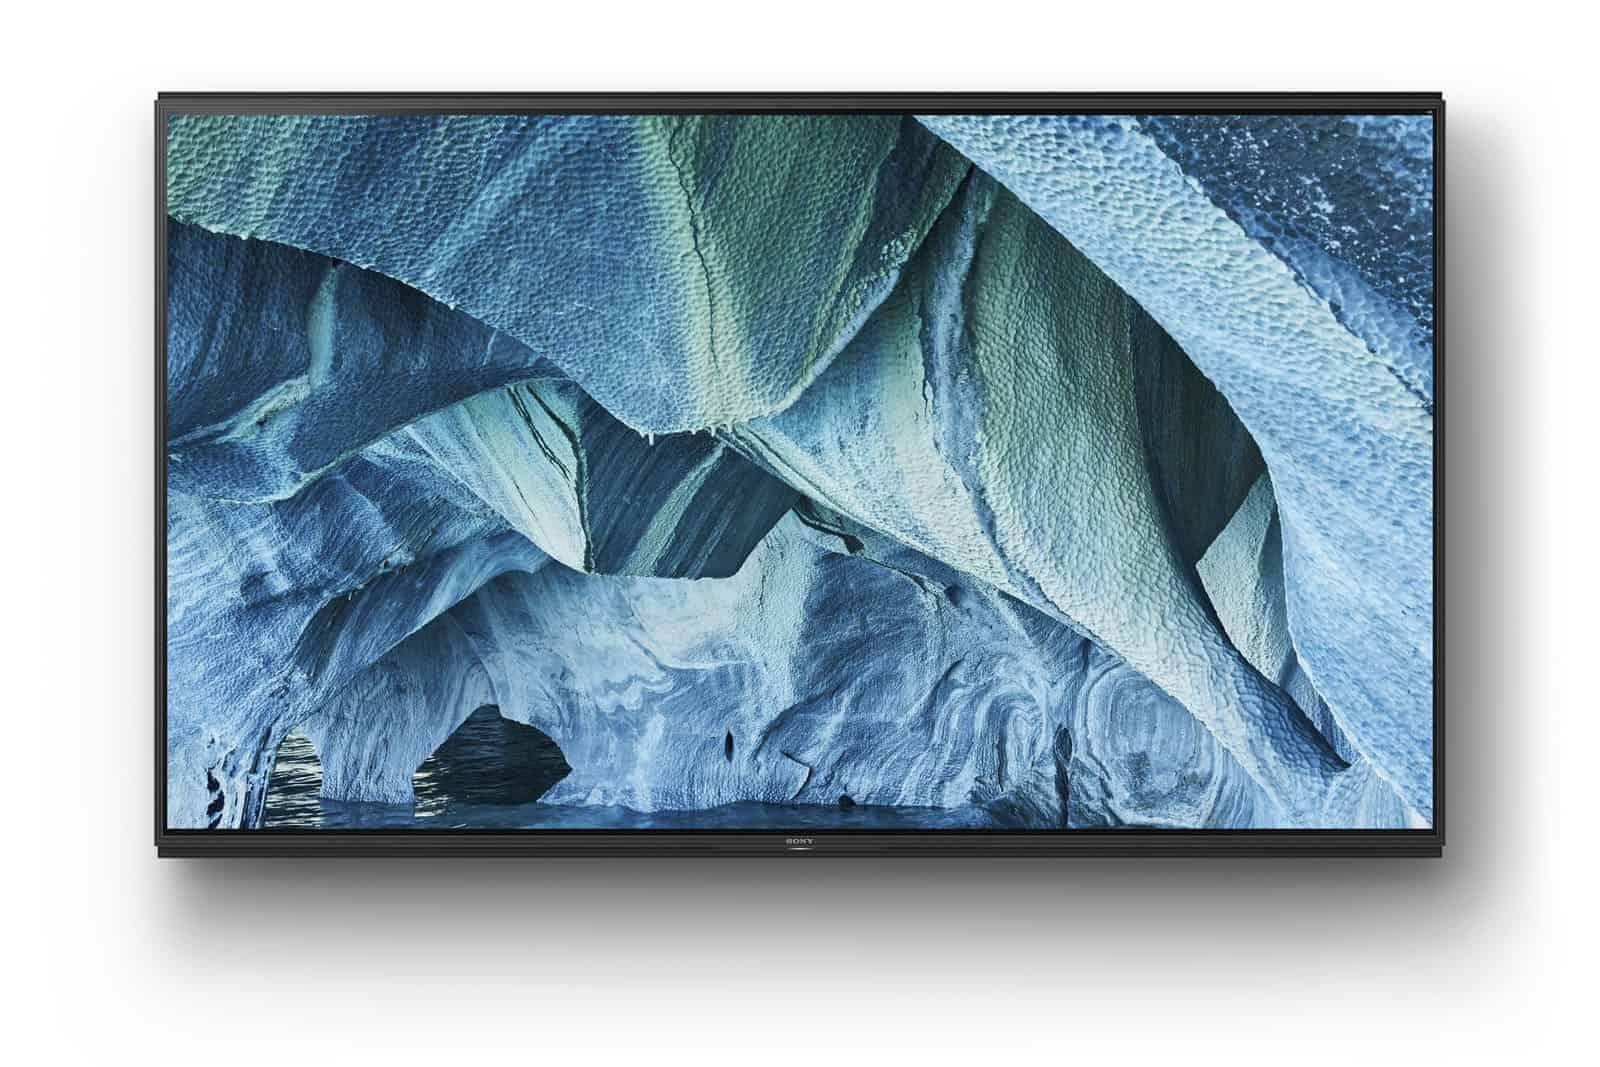 Sony Z9G 8K TV CES 6